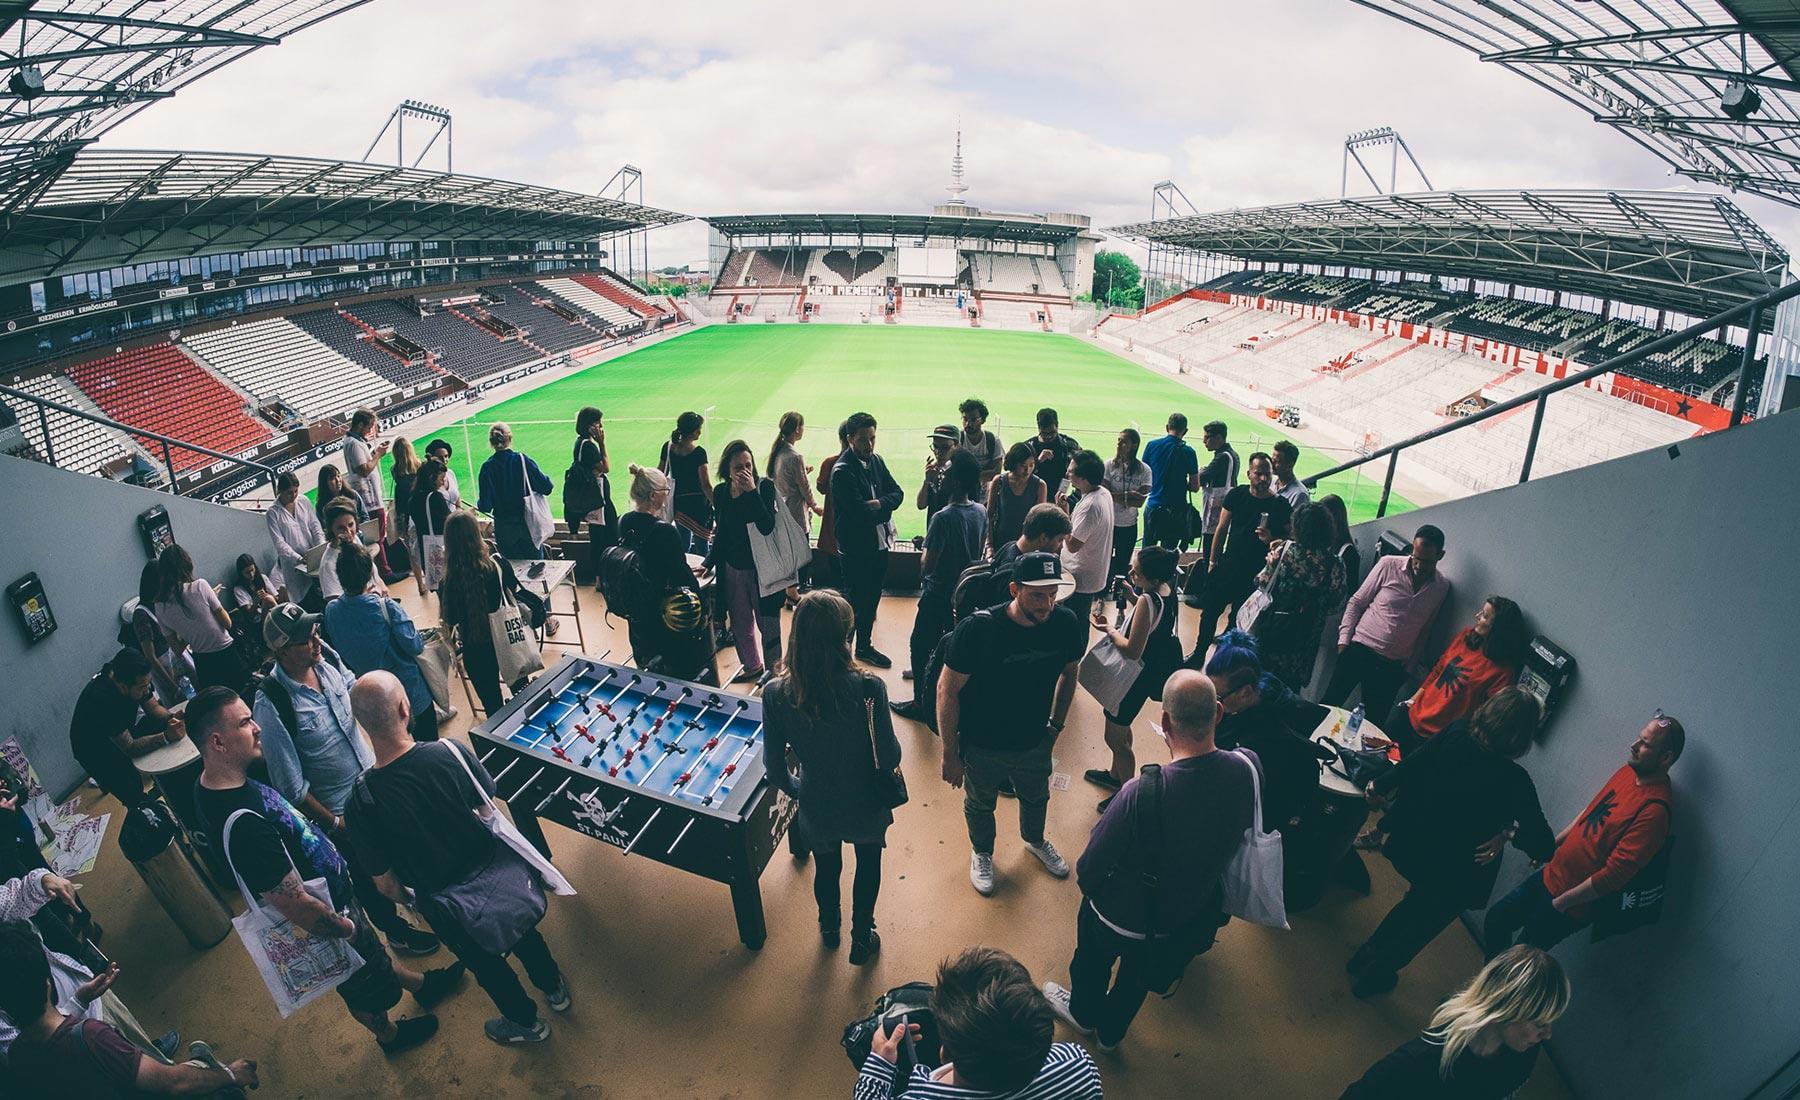 recap-forward-festival-hamburg-2018-millerntor-stadion